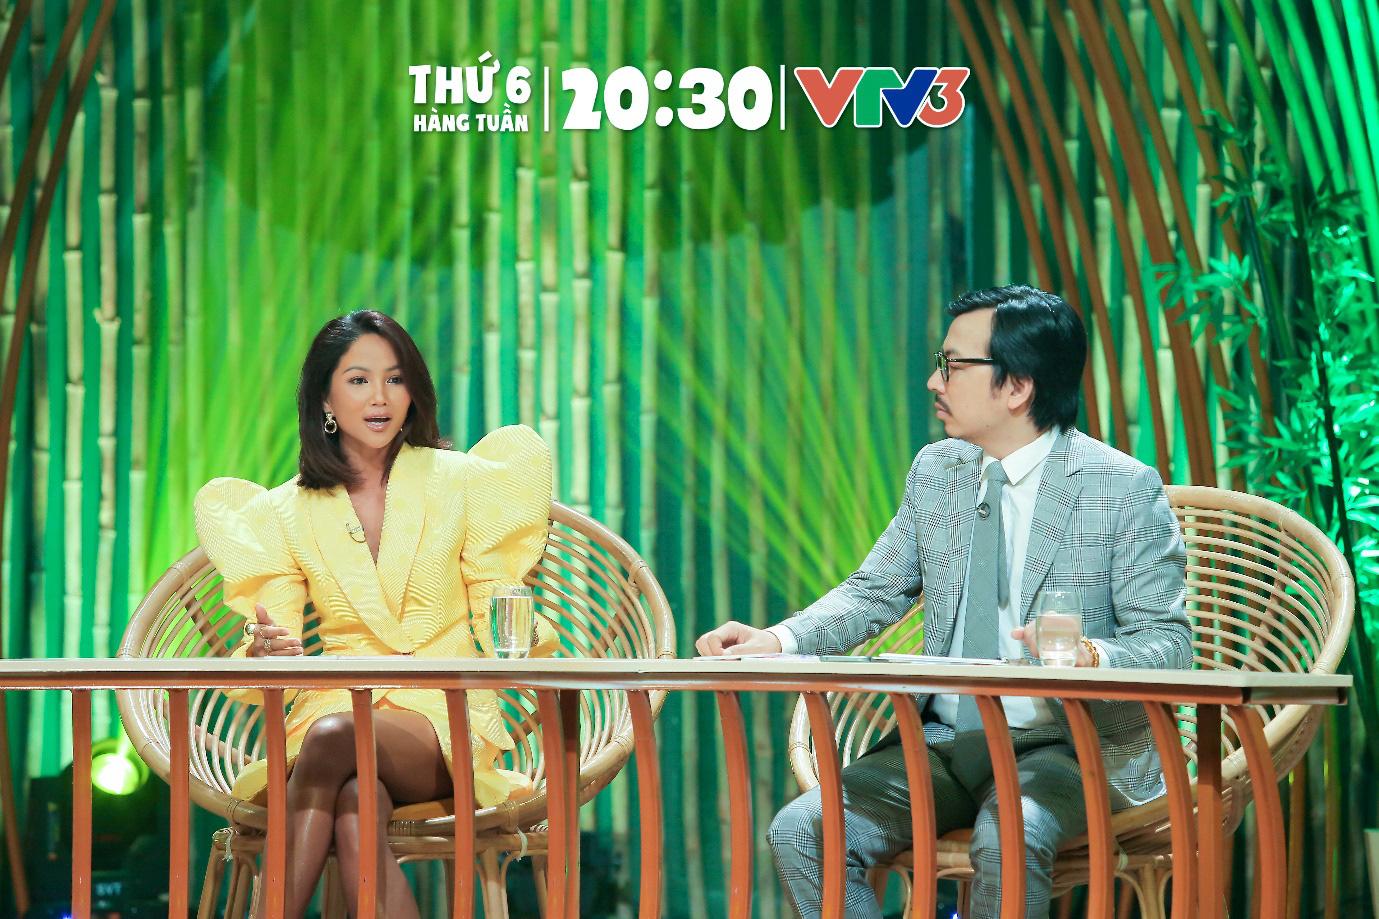 Hoa hậu HHen Niê tiết lộ từng bị giáo viên tâm lý đánh giá là người không có tham vọng, lý do lại liên quan đến cuộc thi Miss Universe 2018 - Ảnh 2.